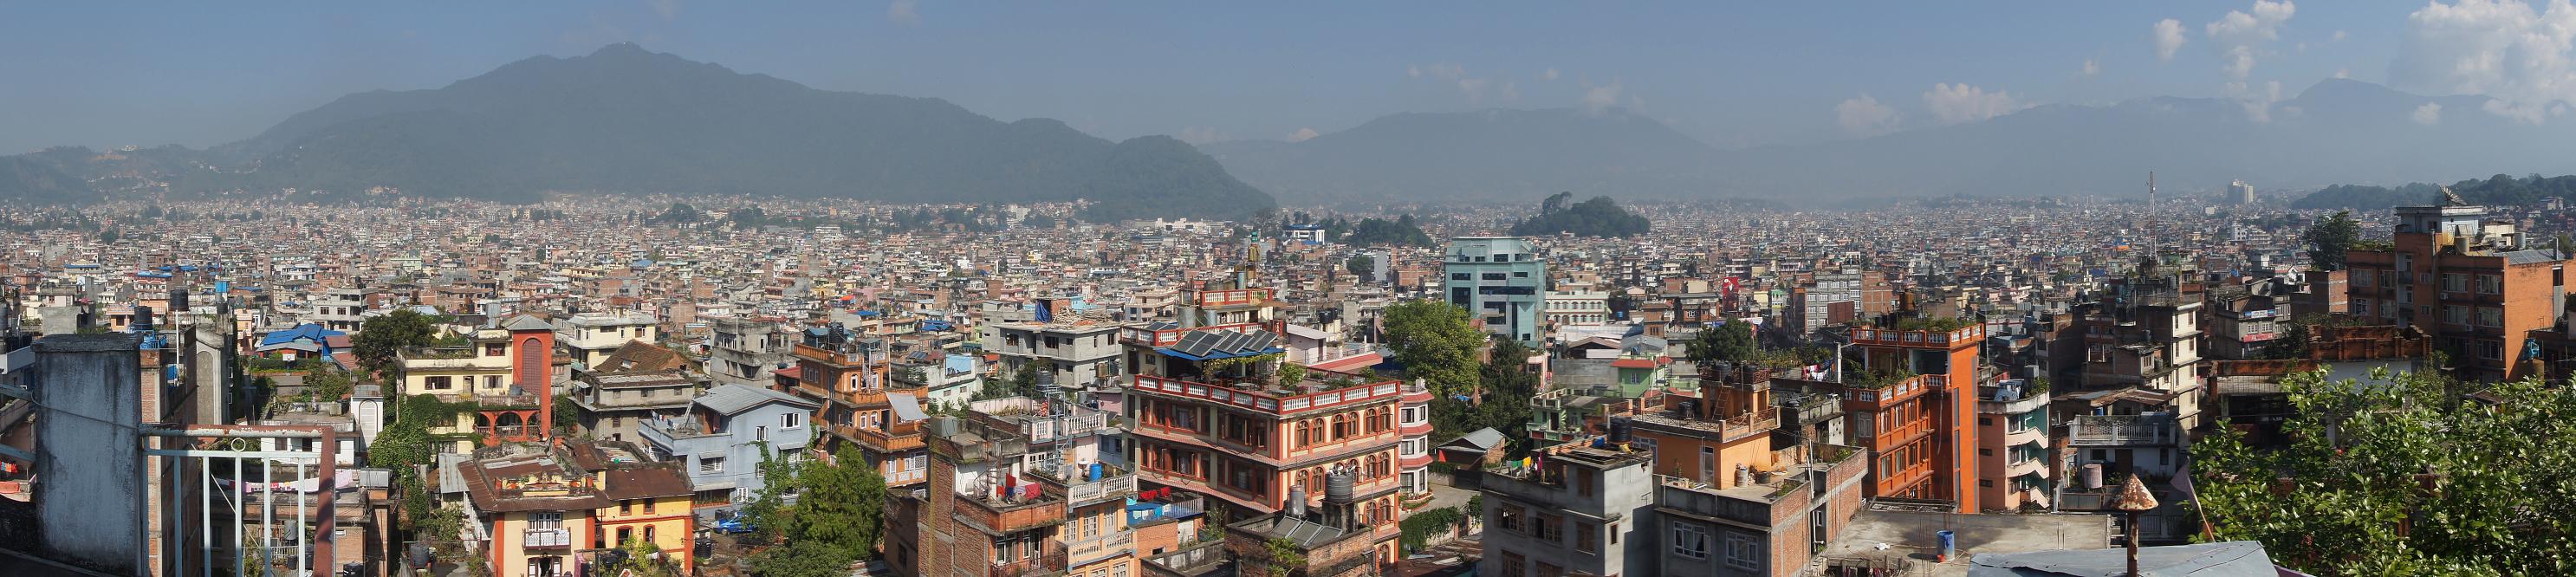 1008_Nepal_054